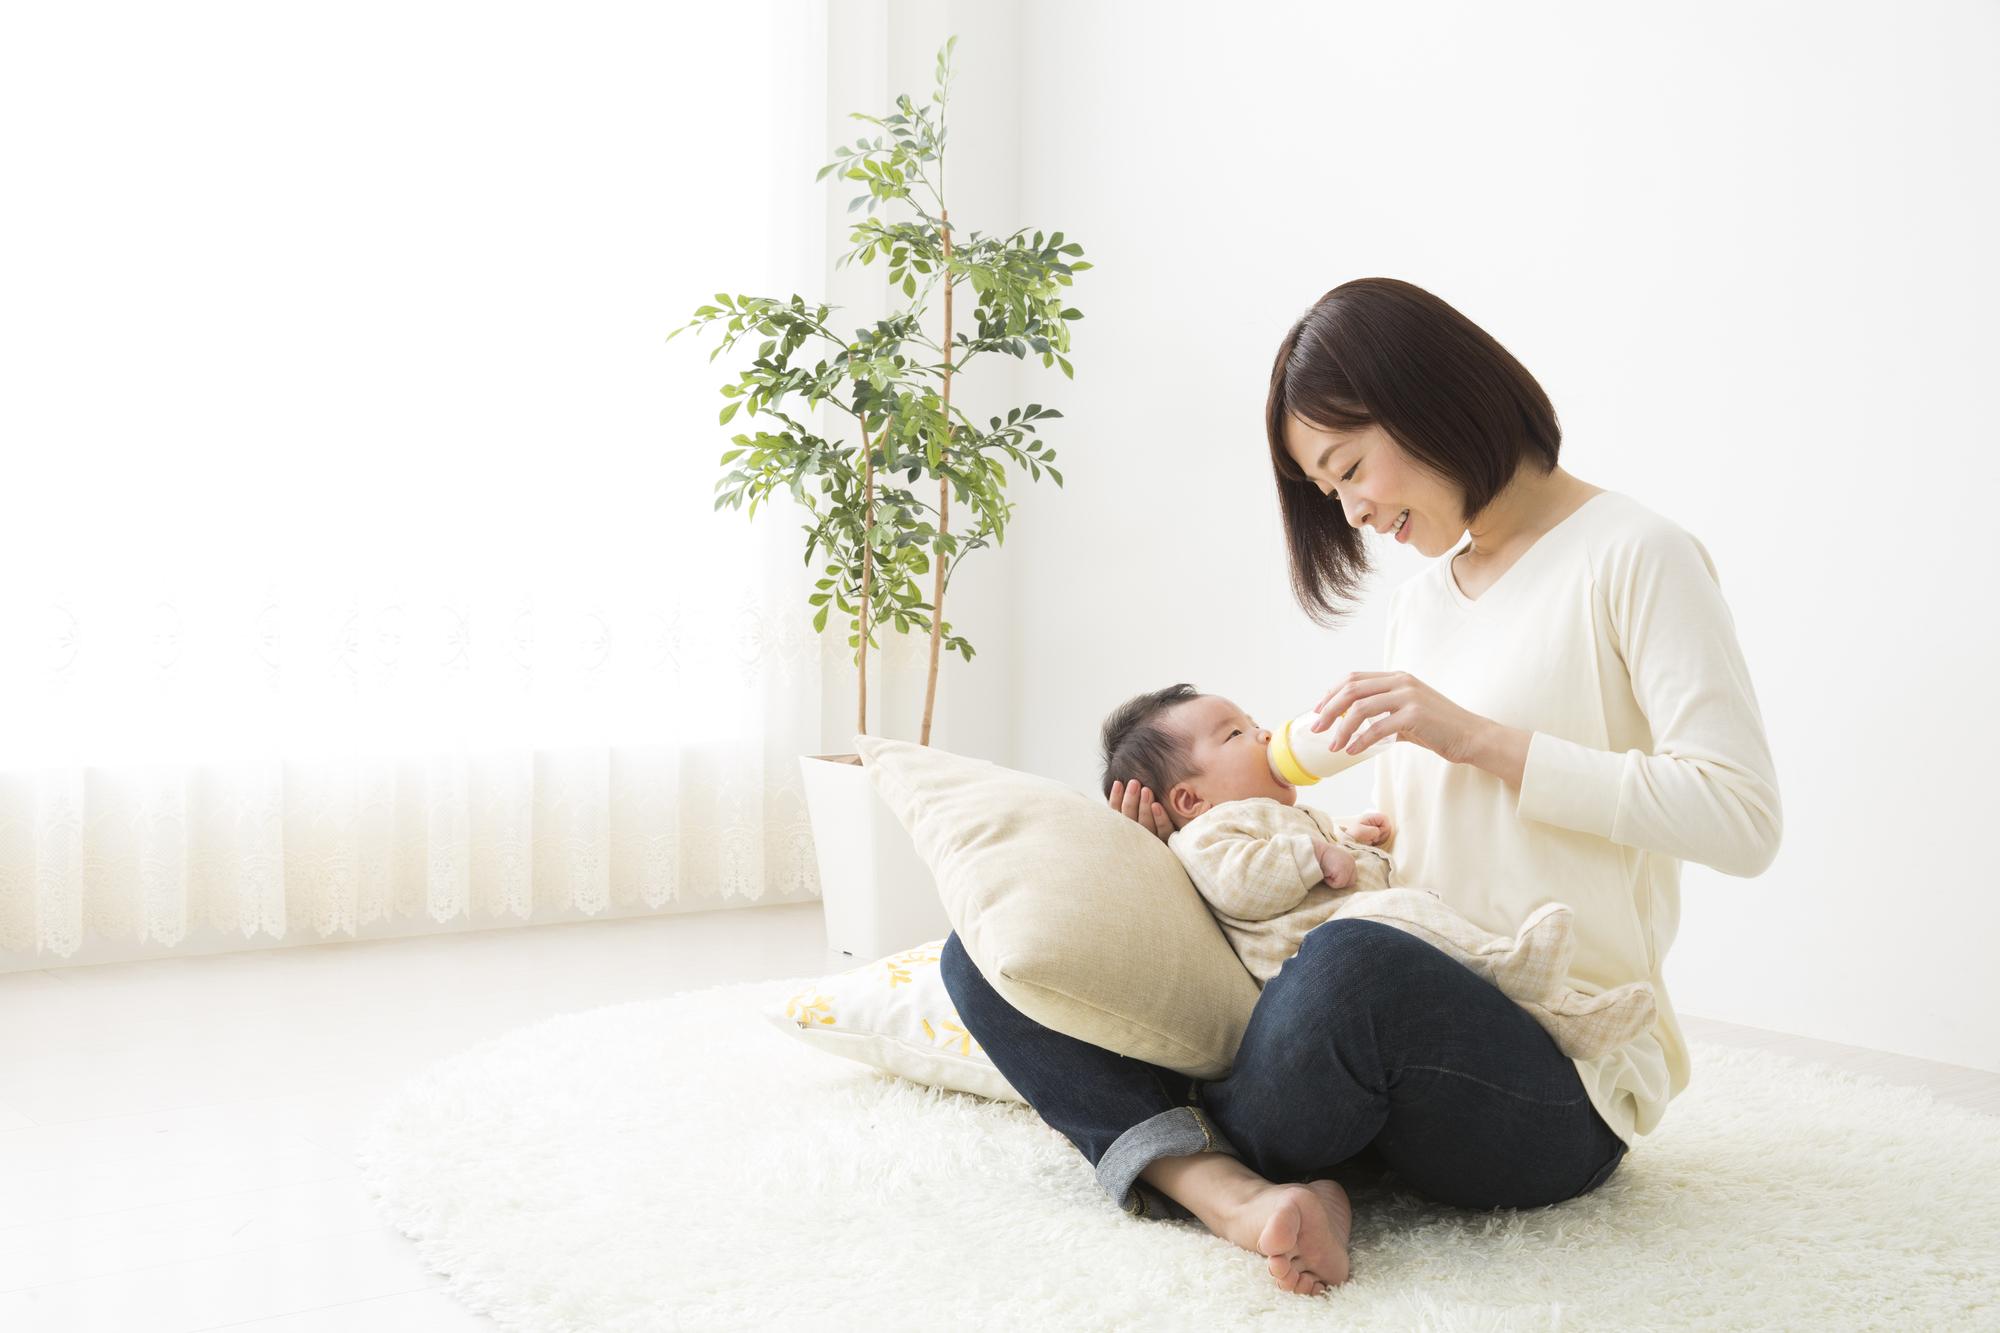 母乳育児のメリット&デメリット!軌道に乗るまでの流れ|医師監修